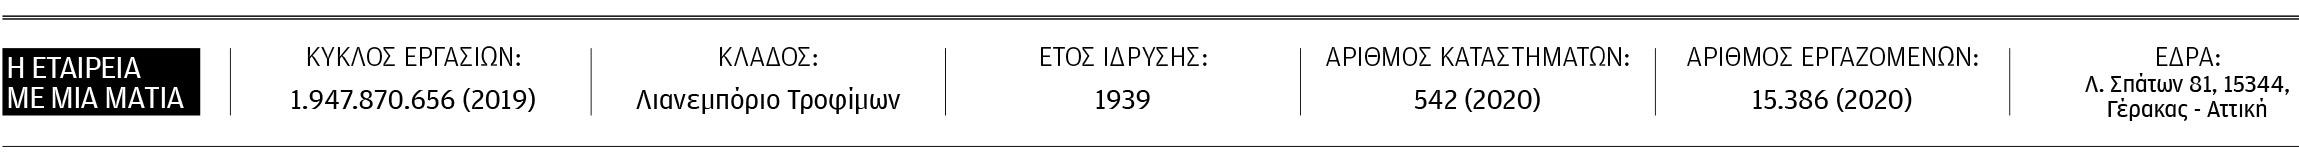 vasilis-stayroy-tin-epomeni-mera-kanoyme-ti-diafora-stis-zoes-ton-anthropon1